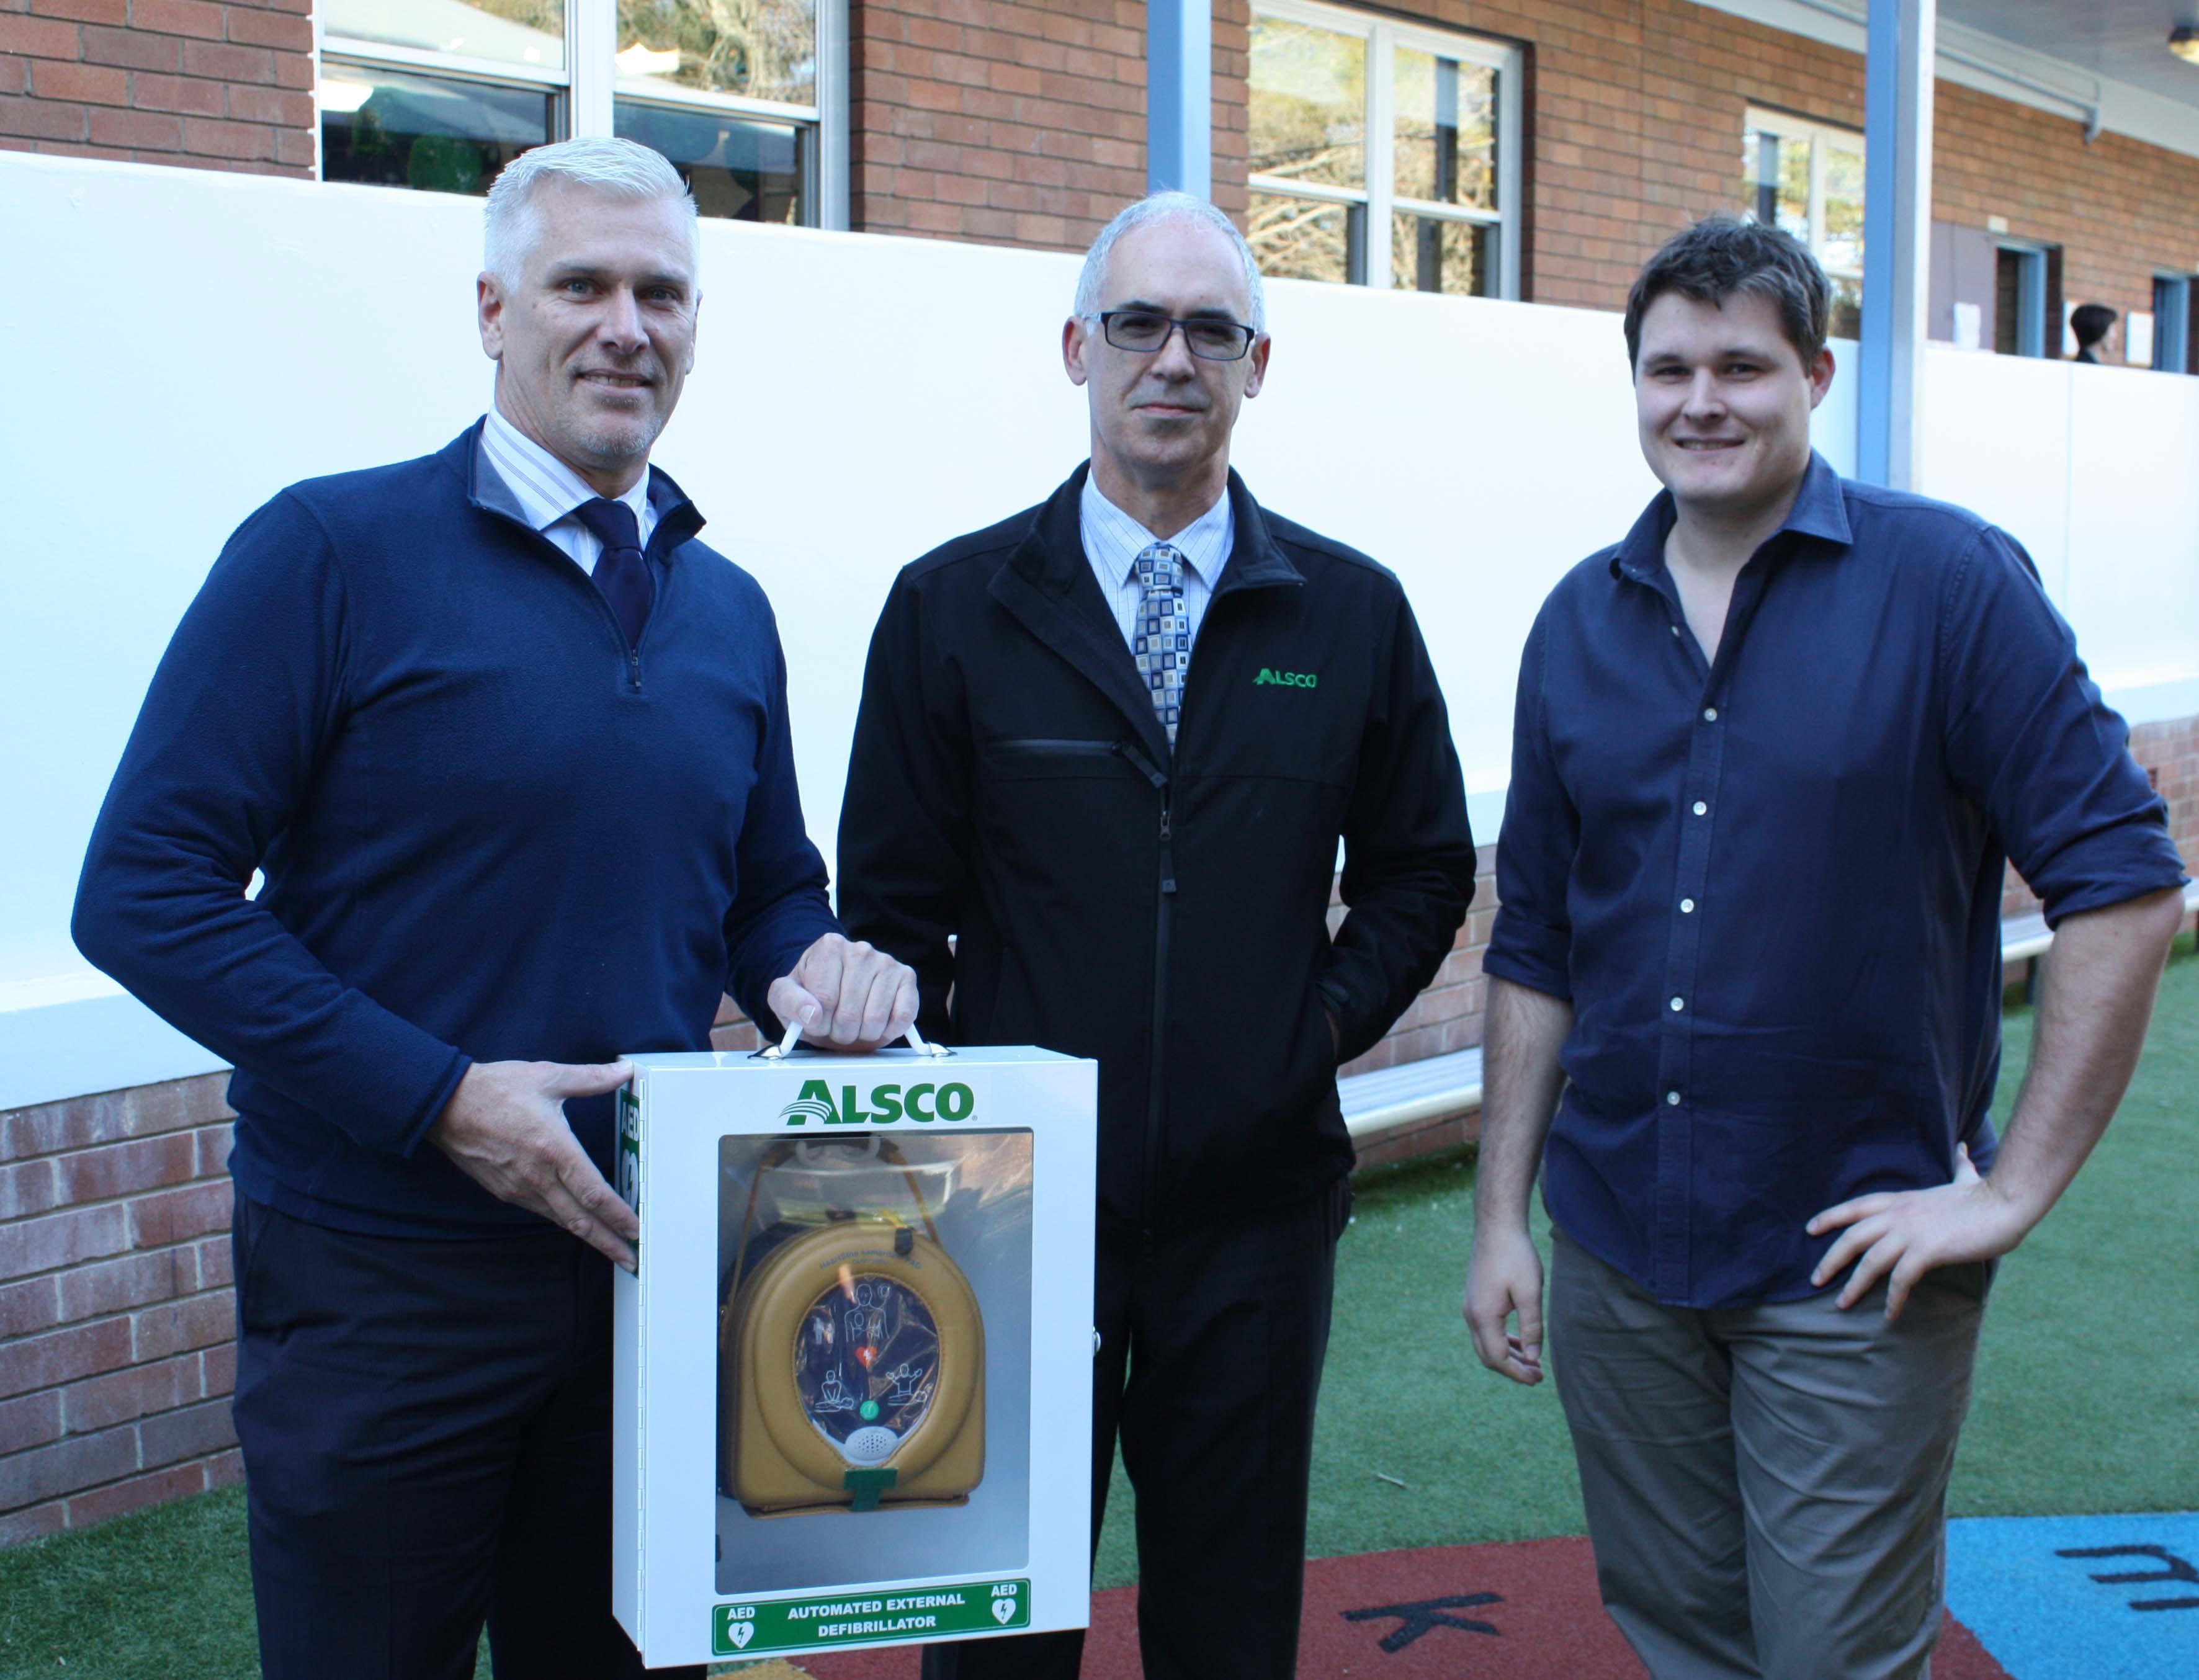 Alsco Defibrillator Donation